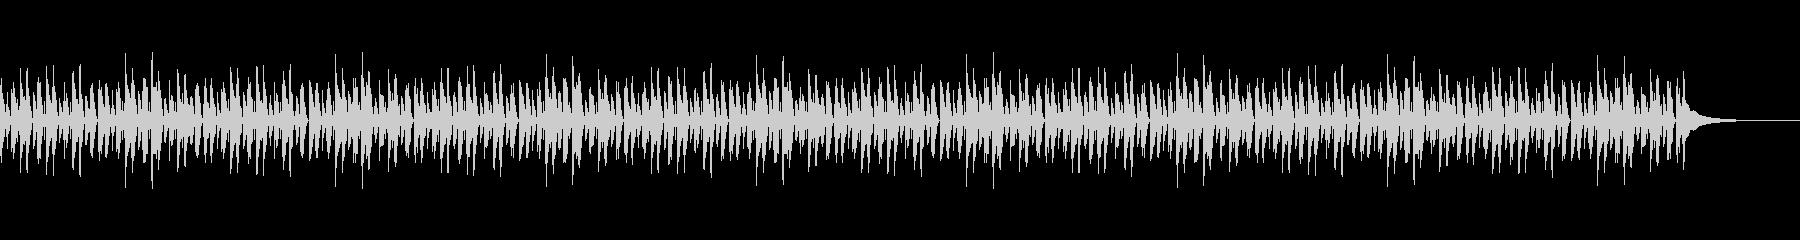 日常系BGMcの未再生の波形